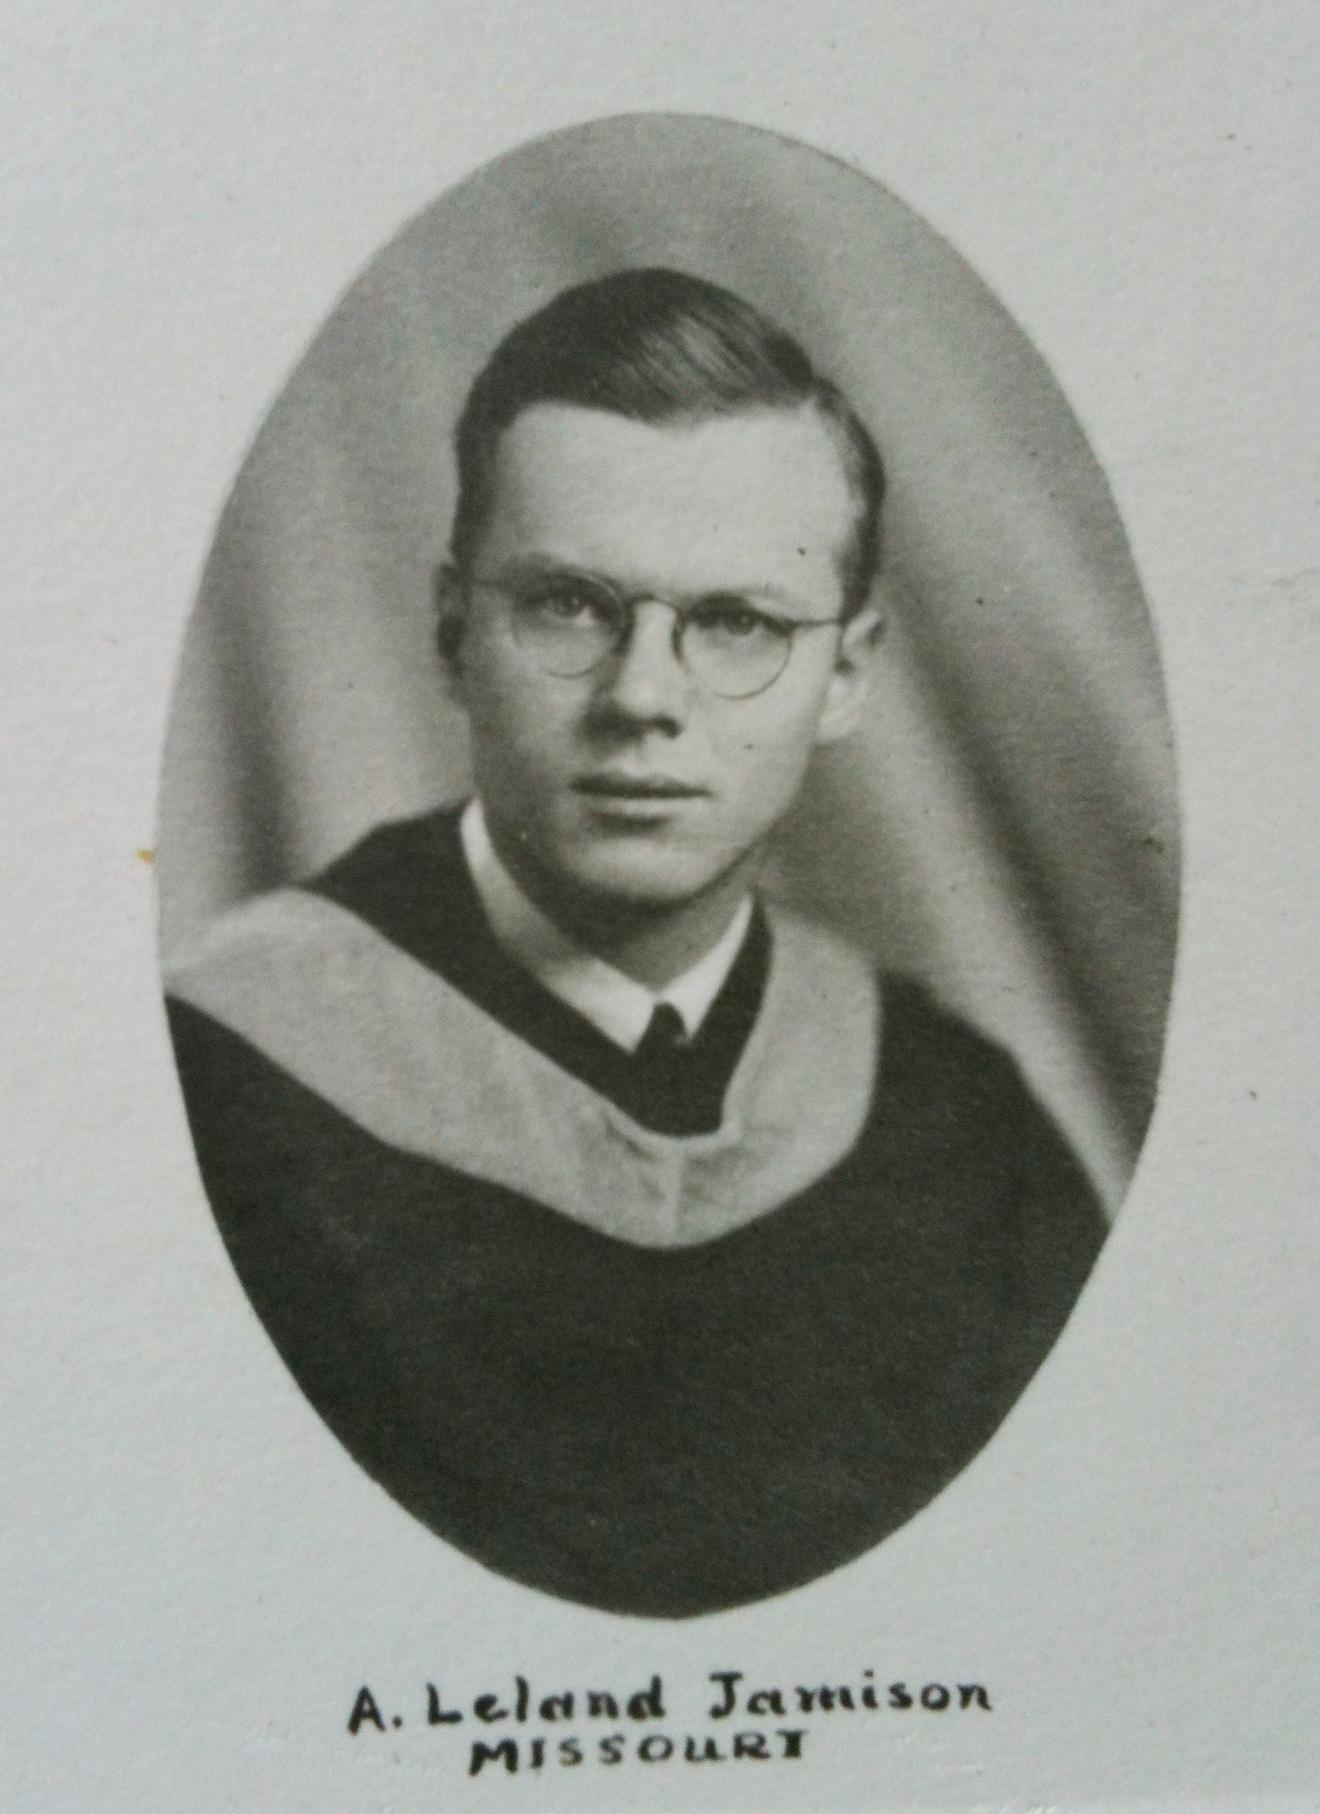 A. Leland Jamison